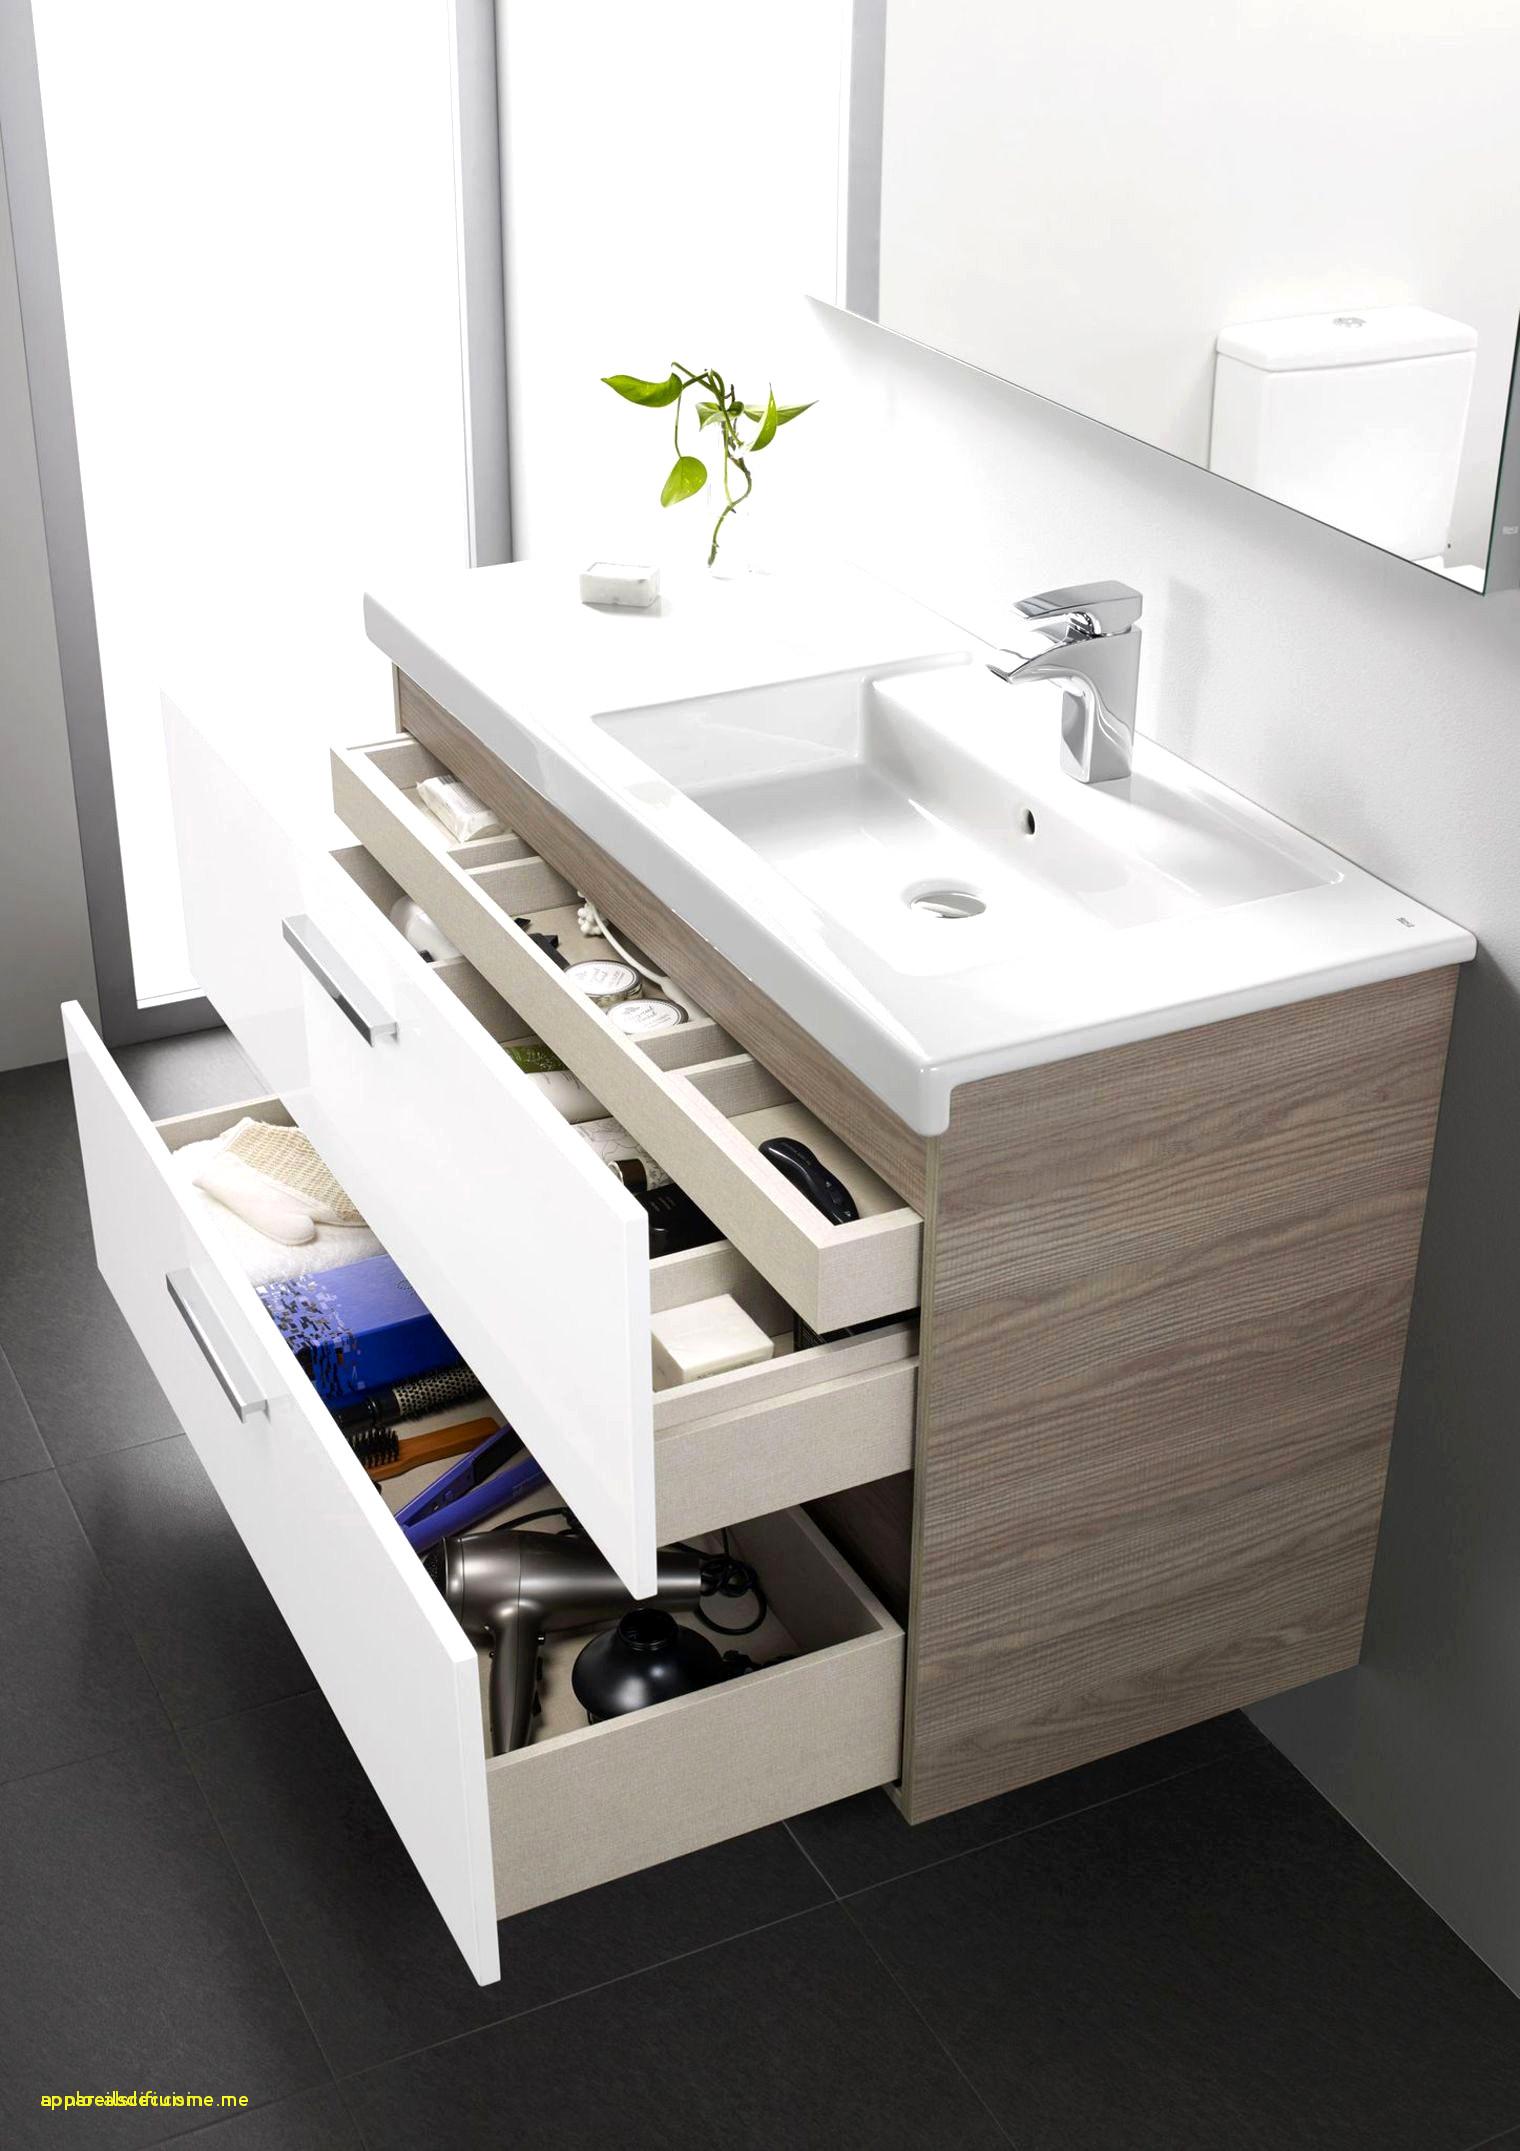 Lavabo Double Vasque Ikea Meilleur De Photographie Résultat Supérieur 100 Beau Evier Meuble Salle De Bain Graphie